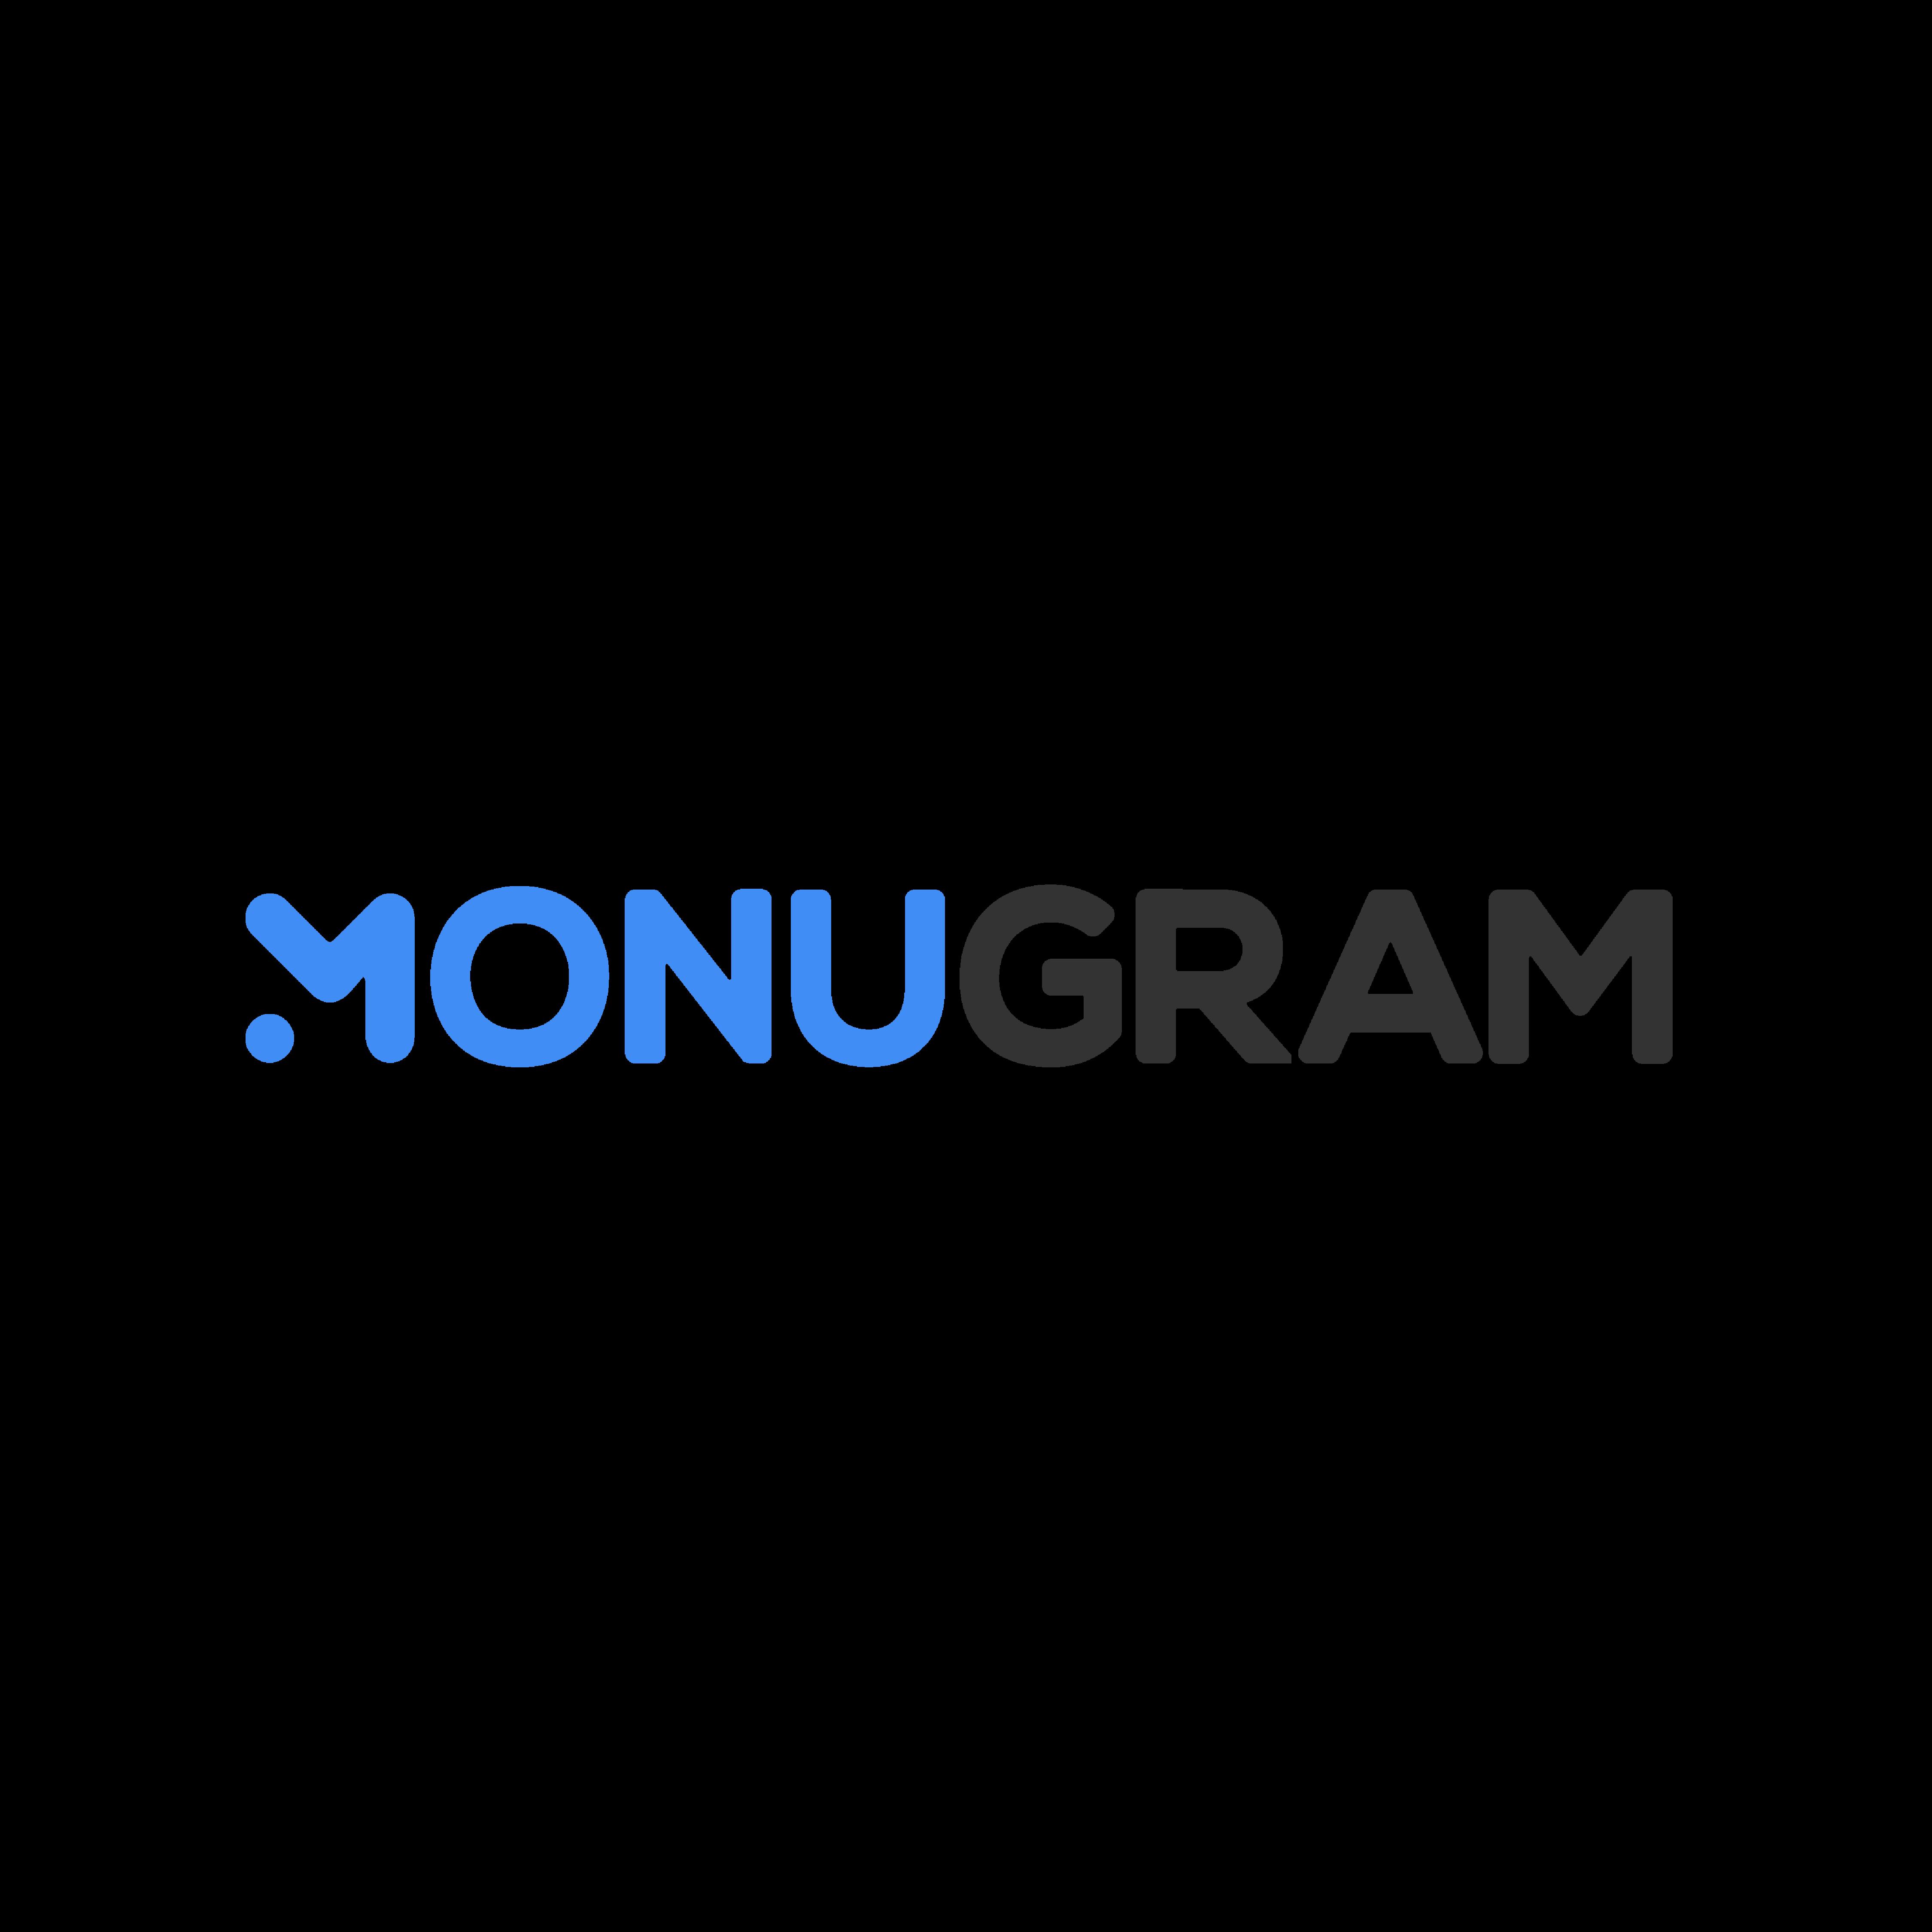 Monugram